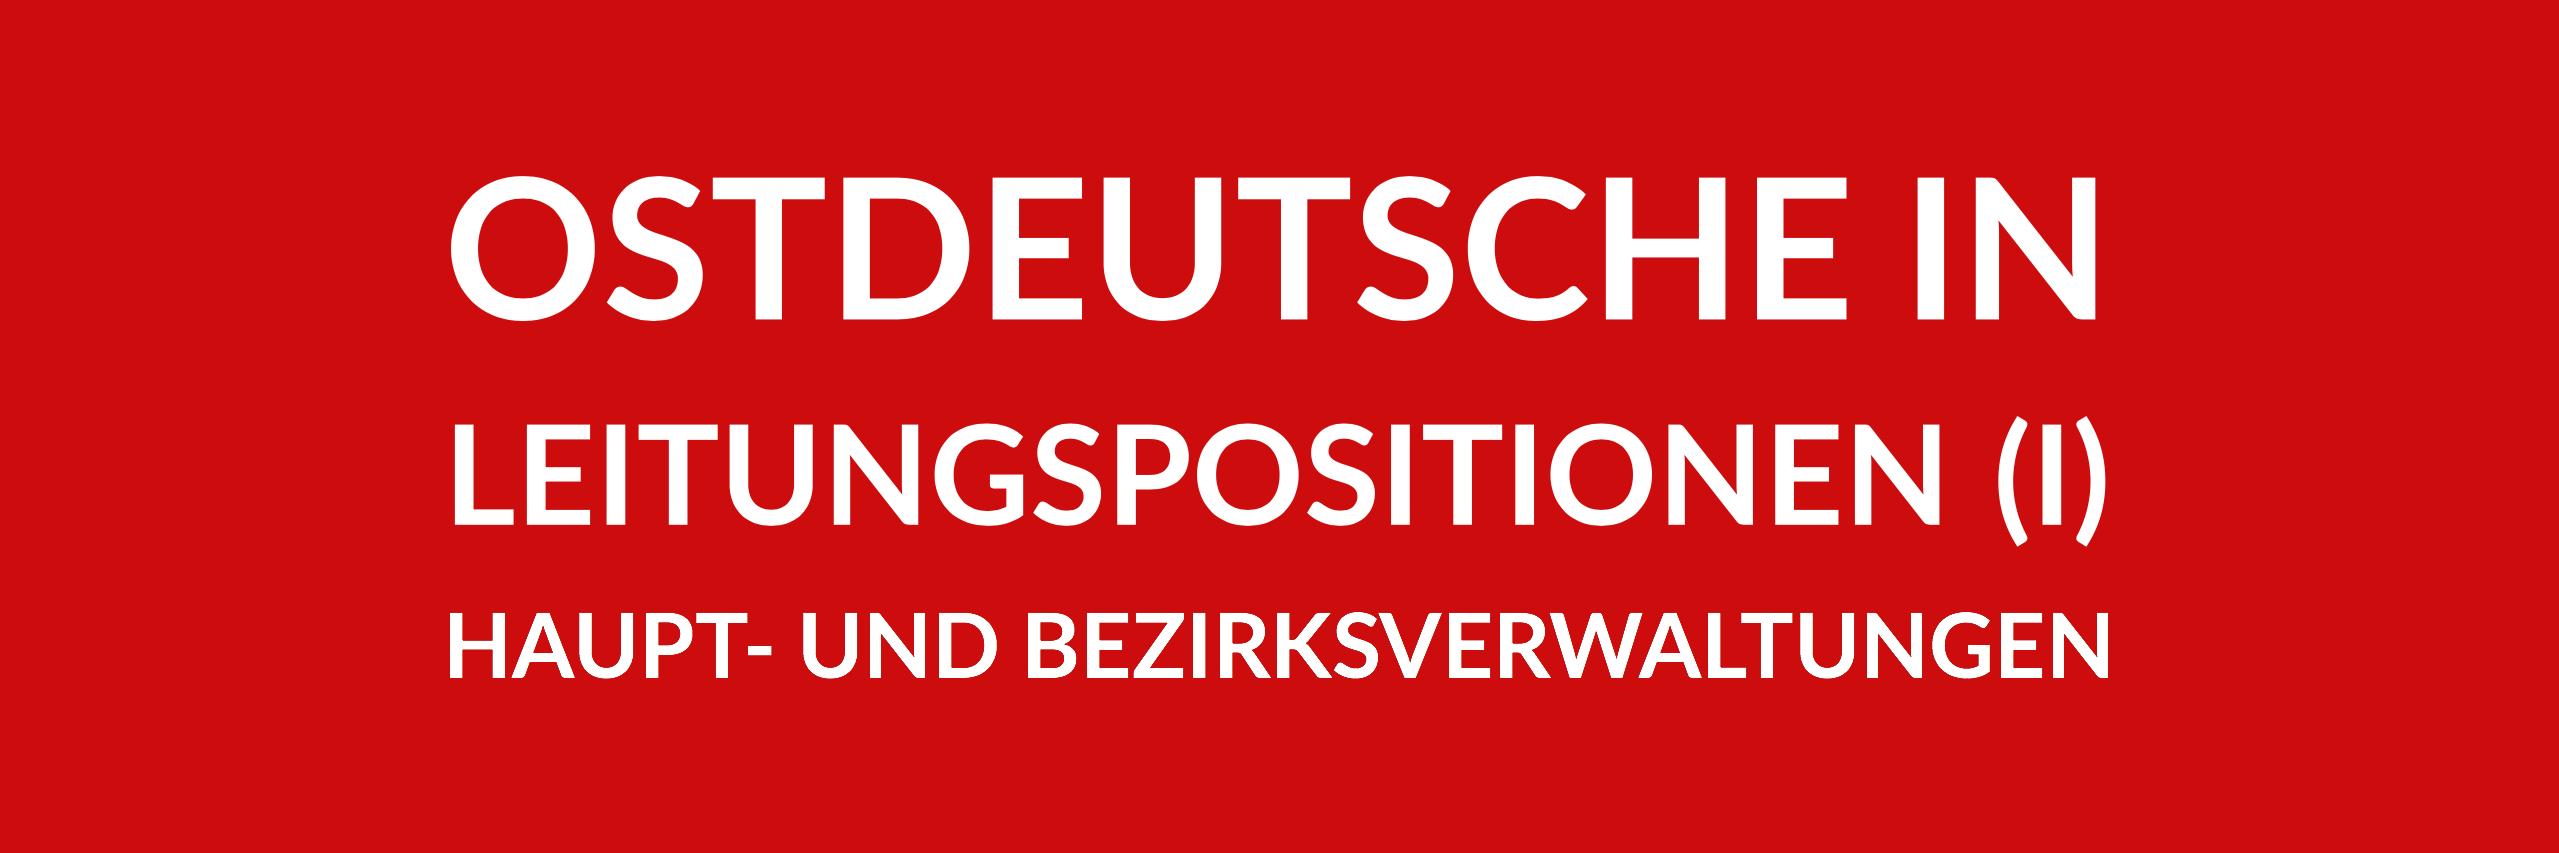 Anfrage 'Ostdeutsche in Leitungspositionen im Land Berlin (1) – Haupt- und Bezirksverwaltungen' (PDF)